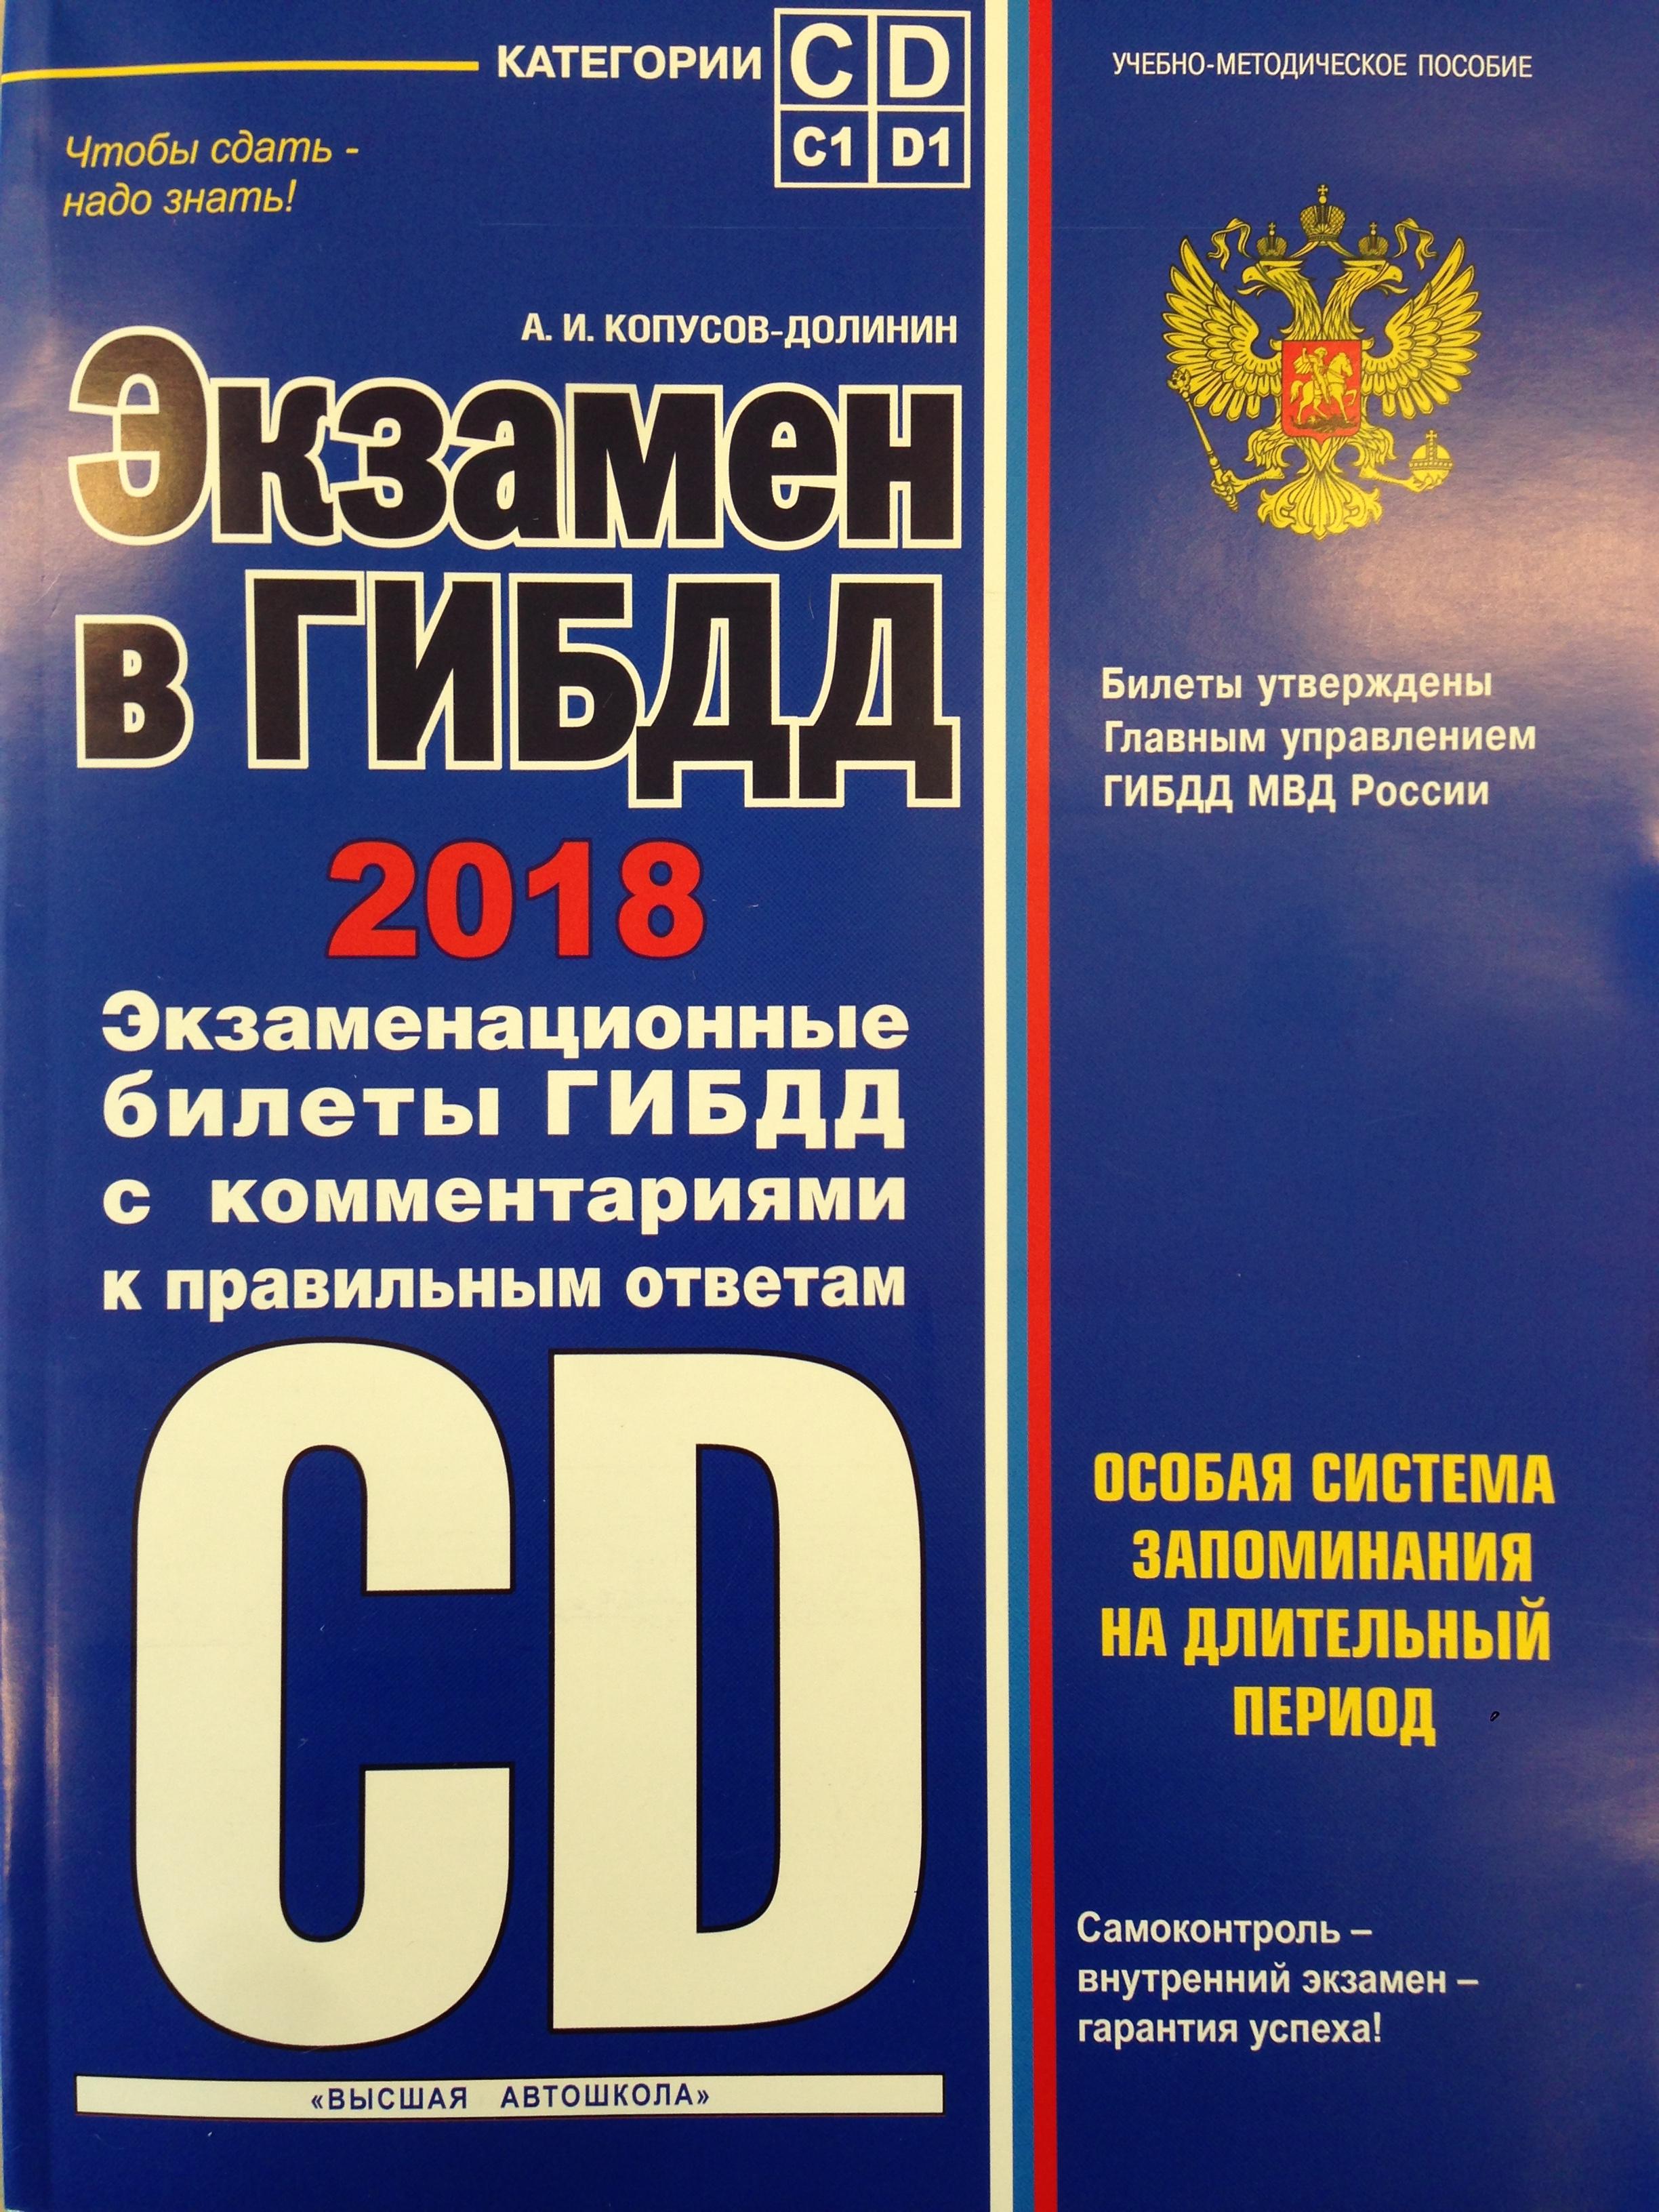 Копусов-Долинин А. Экзамен в ГИБДД. Категории C, D, подкатегории C1, D1 (с посл. изм. на 2018 год)